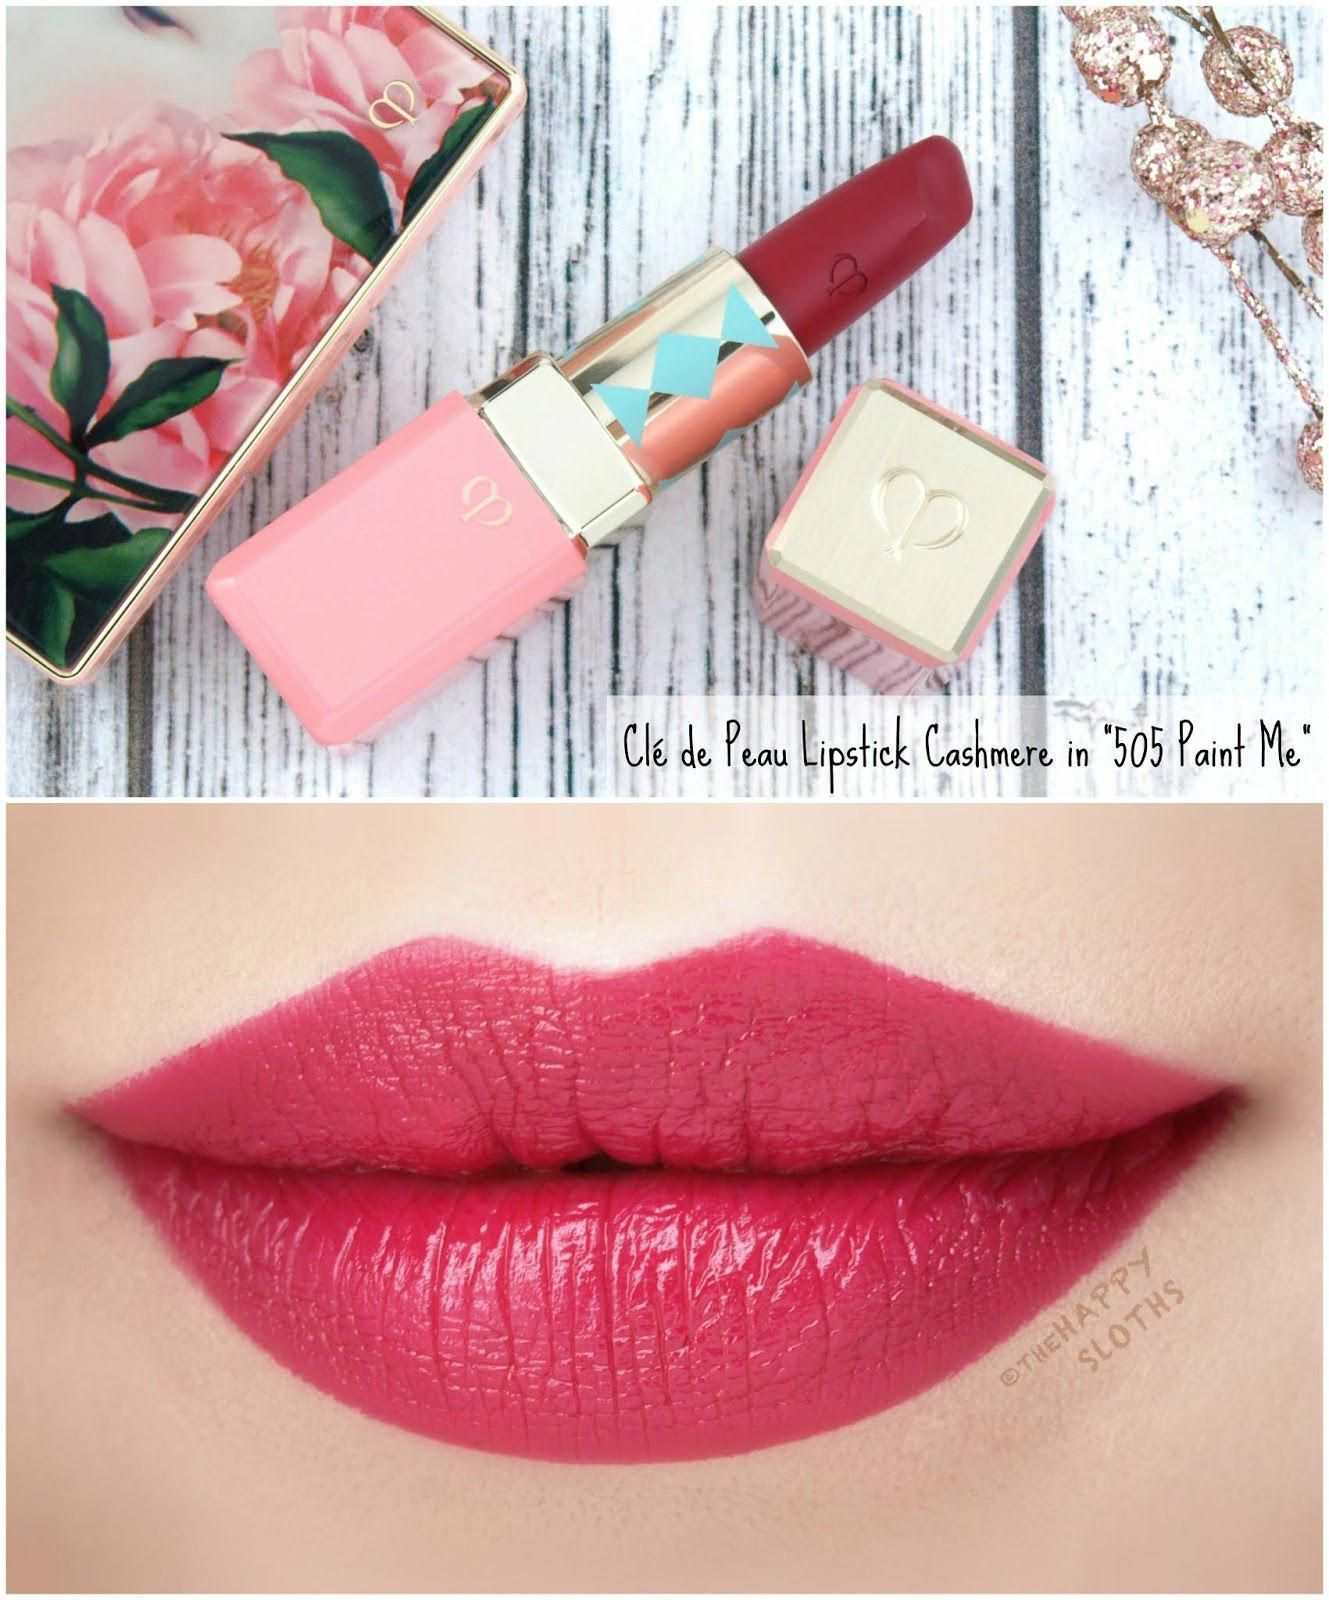 Clé de Peau Makeup containers, Makeup bag organization